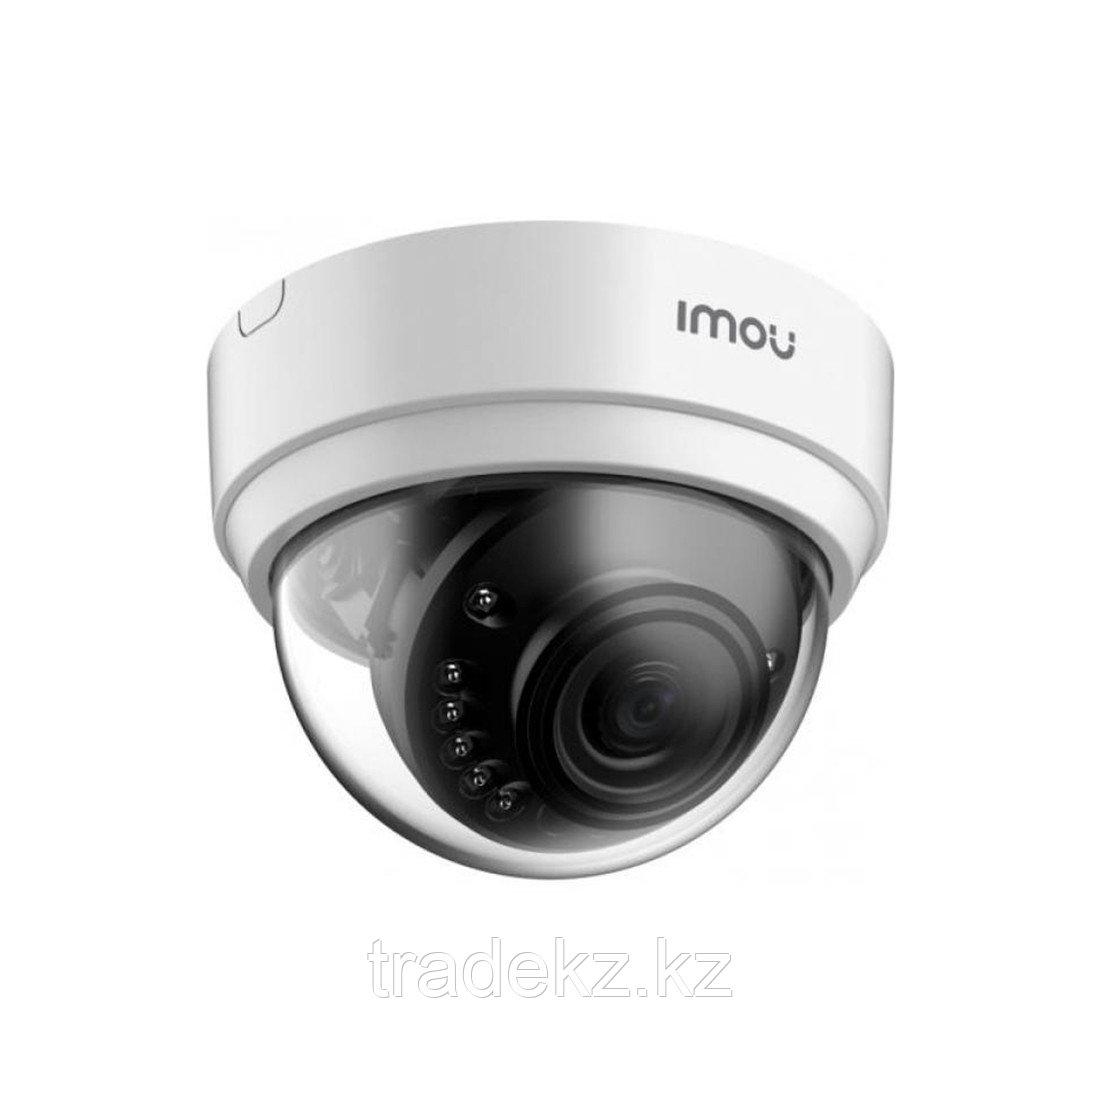 Интернет-камера, Wi-Fi видеокамера Imou Dome Lite